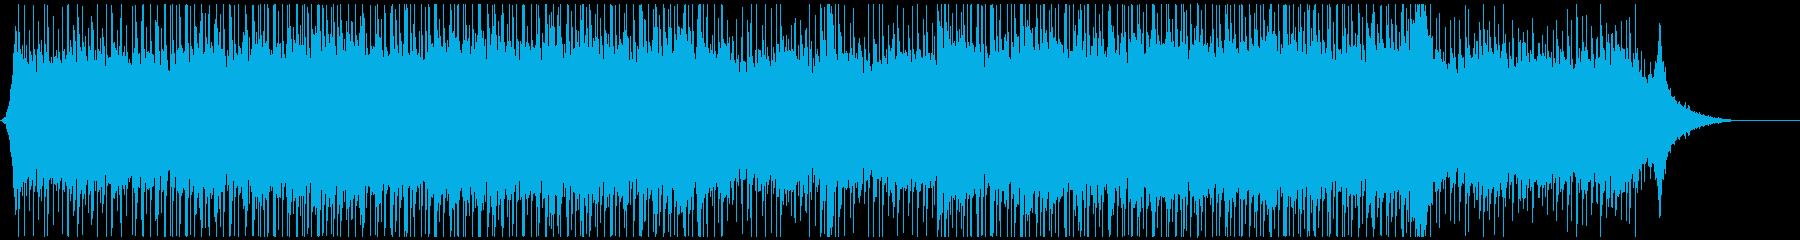 企業VP映像03/爽やかエレキギターの再生済みの波形